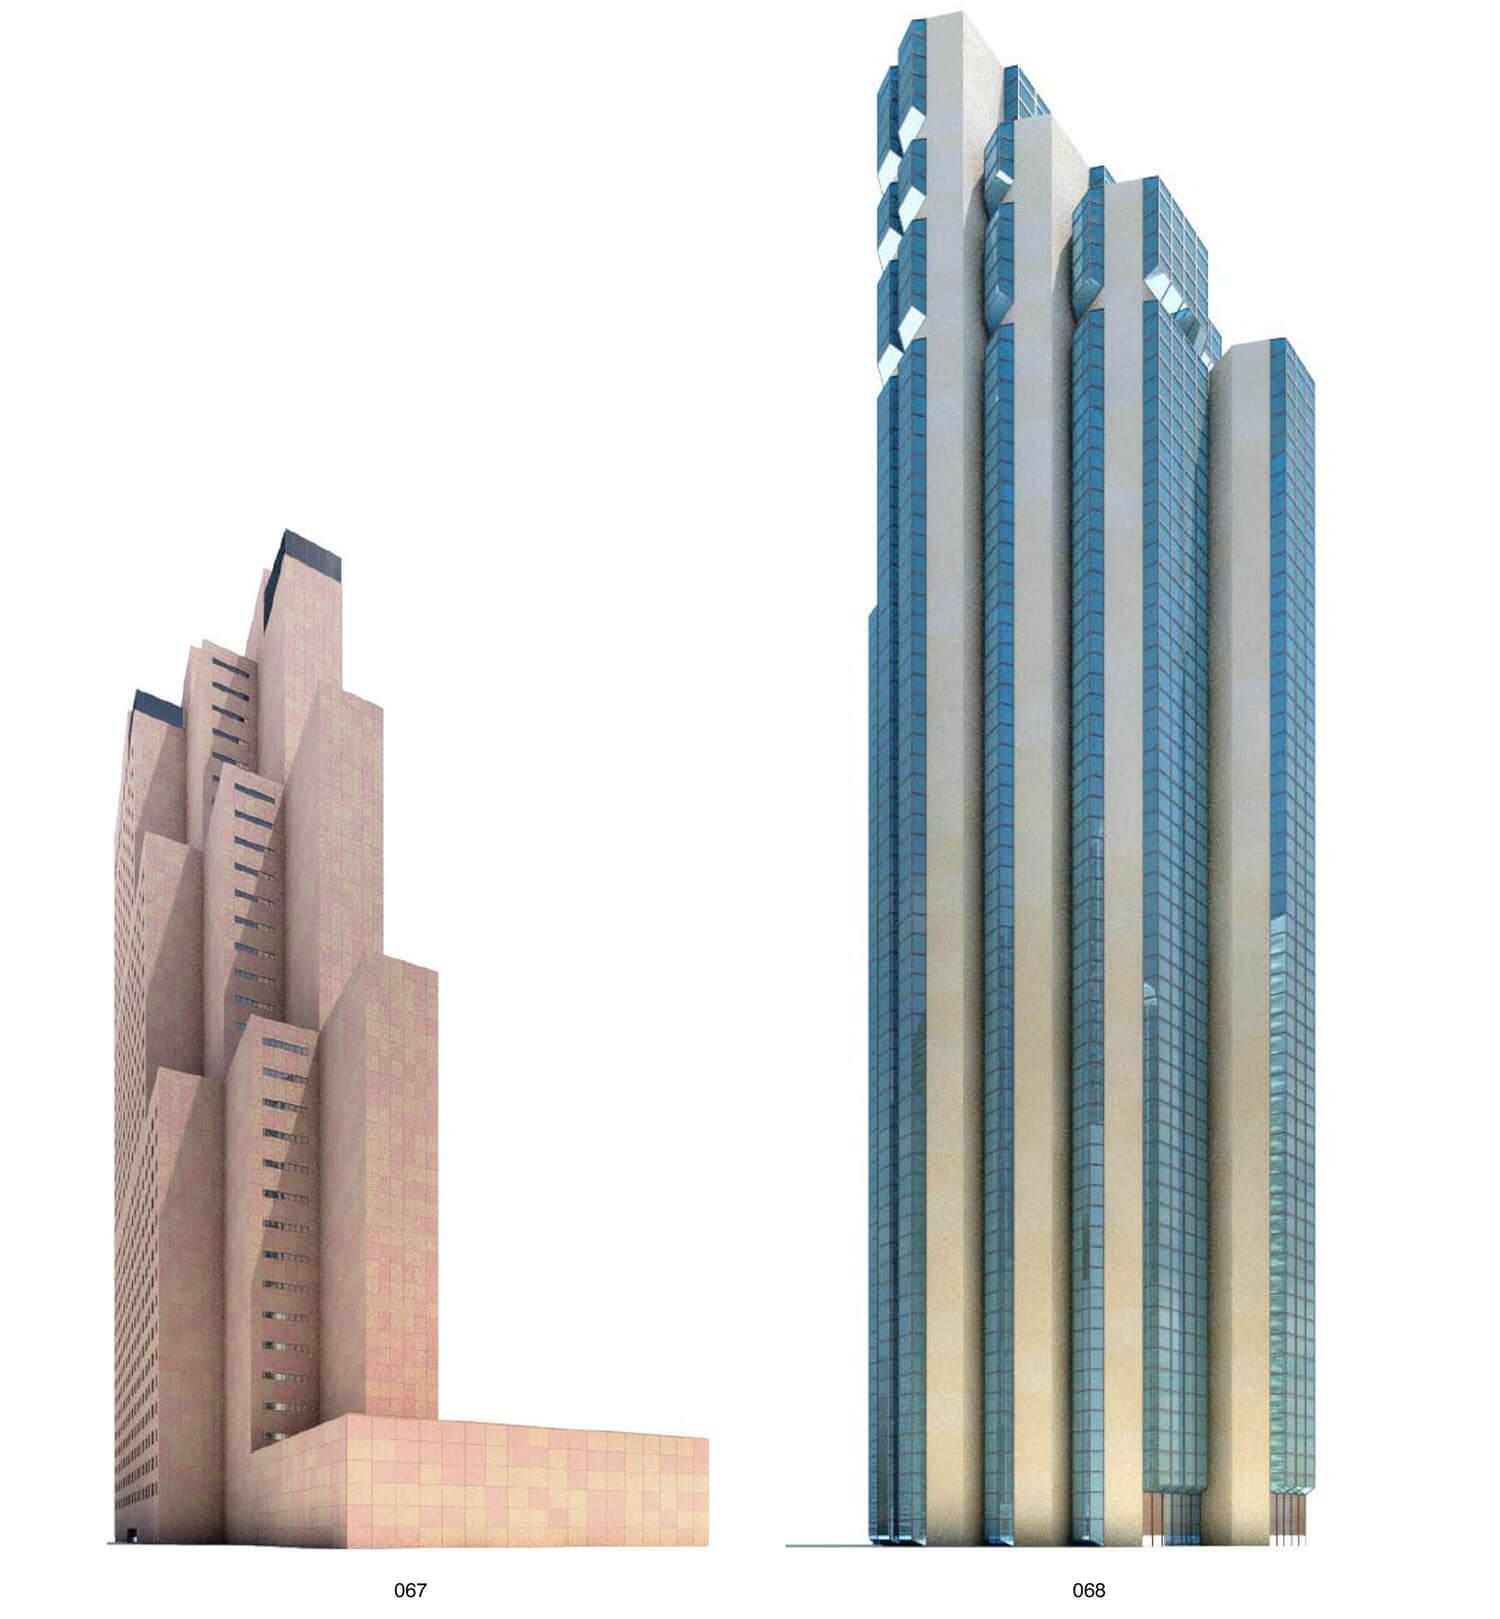 Hai tòa nhà building cao tầng với đường nét là các khối hộp như lao lên bầu trời